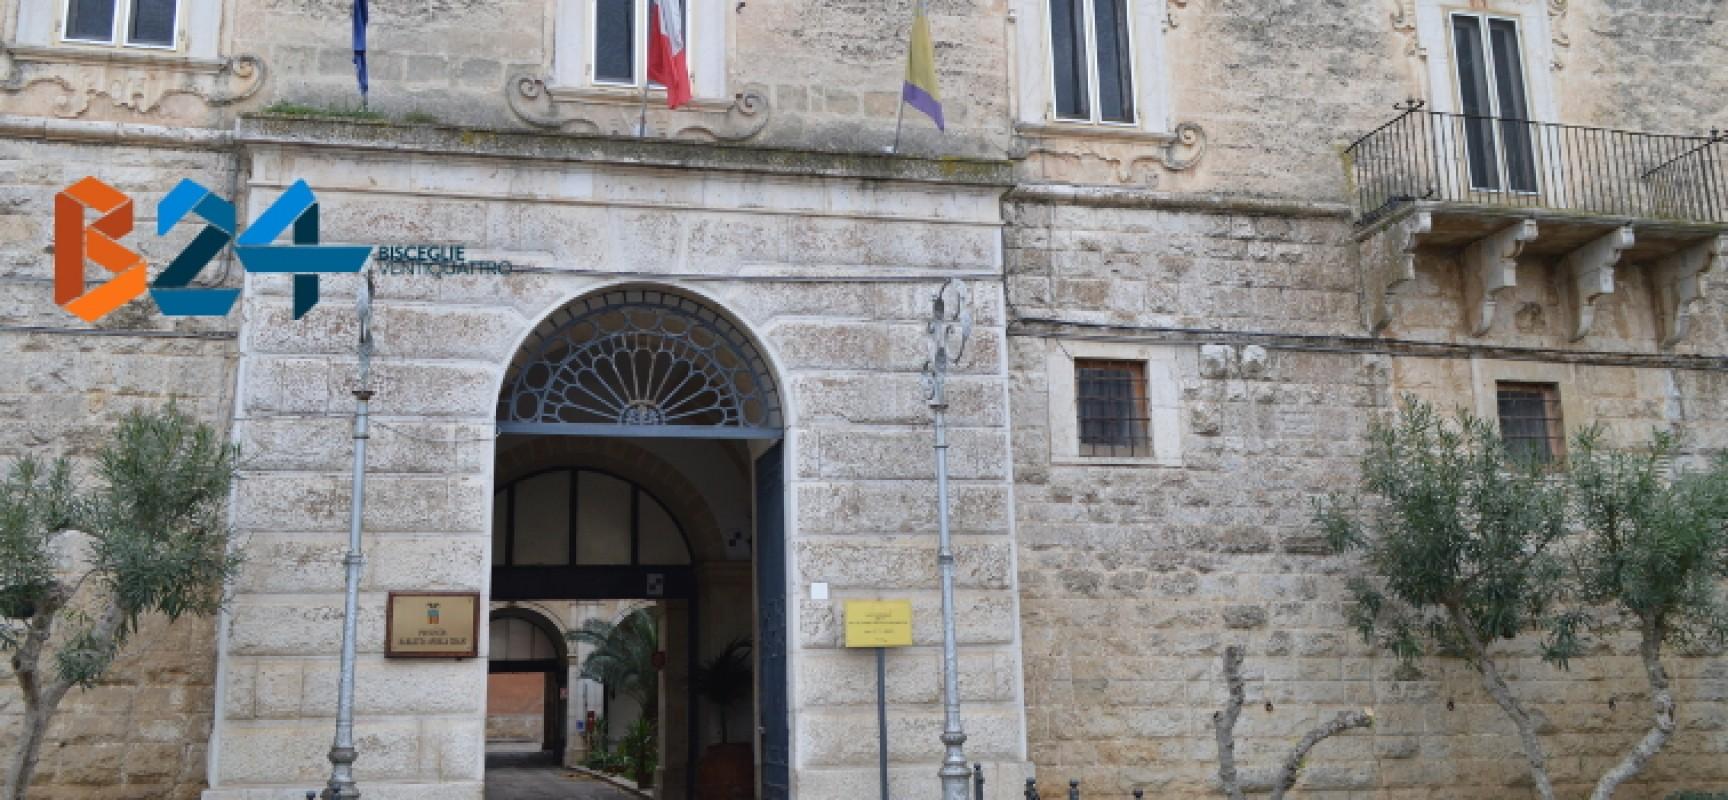 Annullo filatelico per celebrare i primi dieci anni della Provincia di Barletta-Andria-Trani